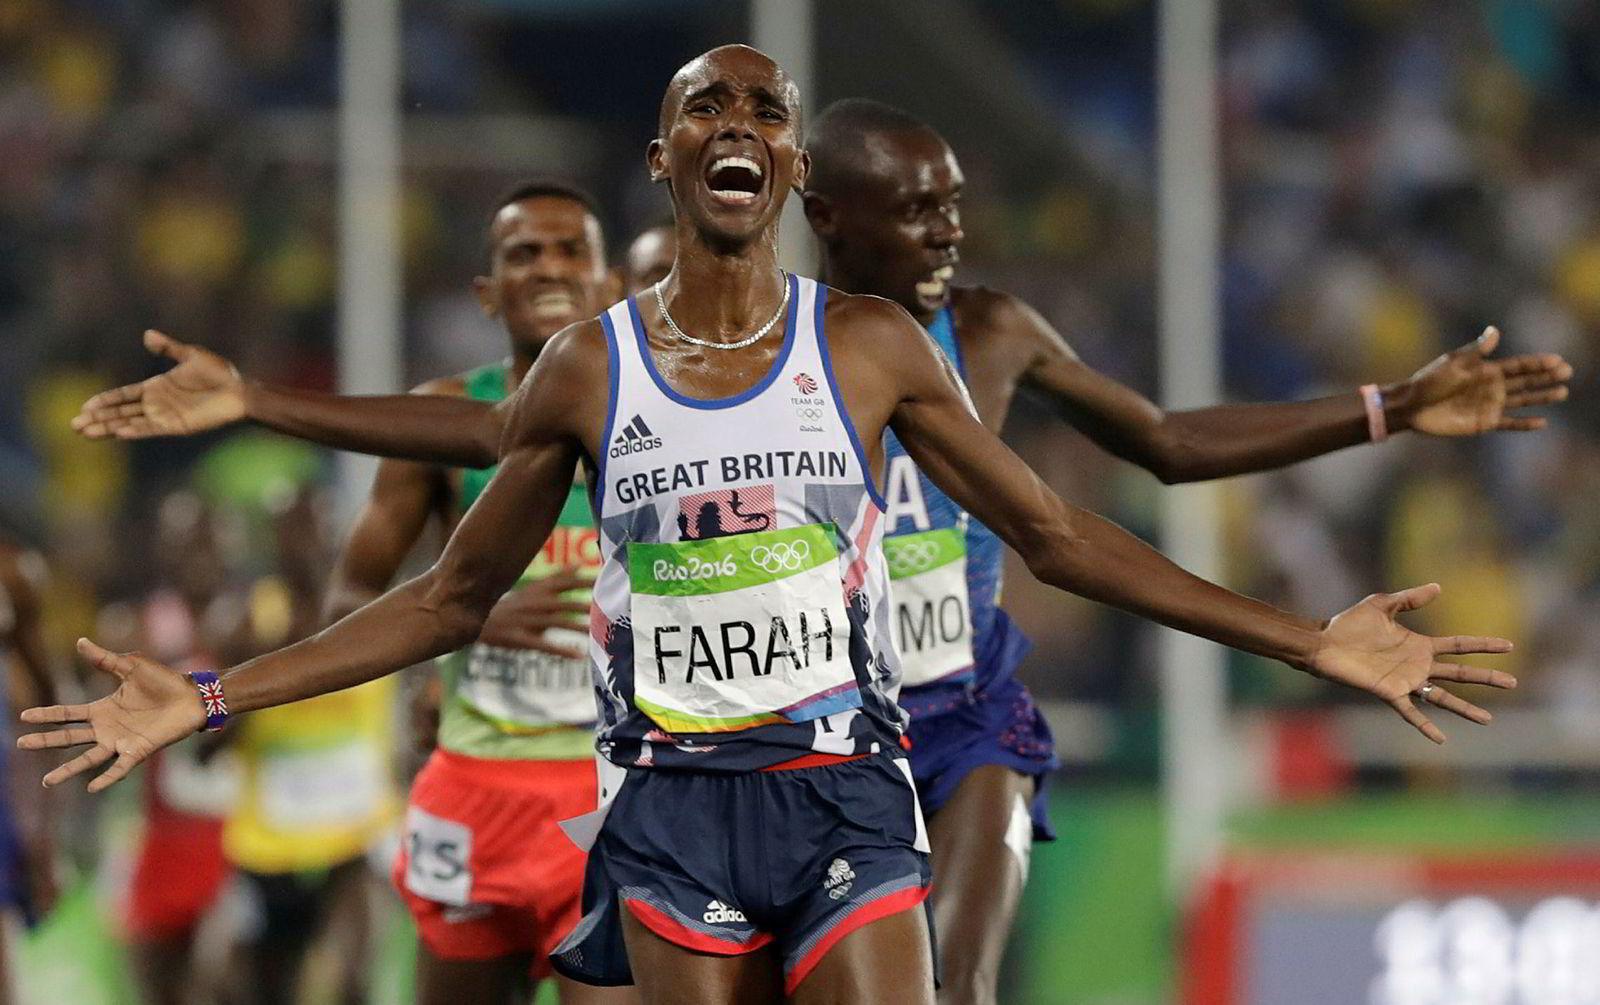 Mo Farah løper her inn til gull på 5000 meter under OL i Rio de Janeiro i 2016 og ble den andre i historien som vant både 5000 meter og 10.000 meter i to OL på rad. Den første var finske Lasse Viren i 1972 og 1976.